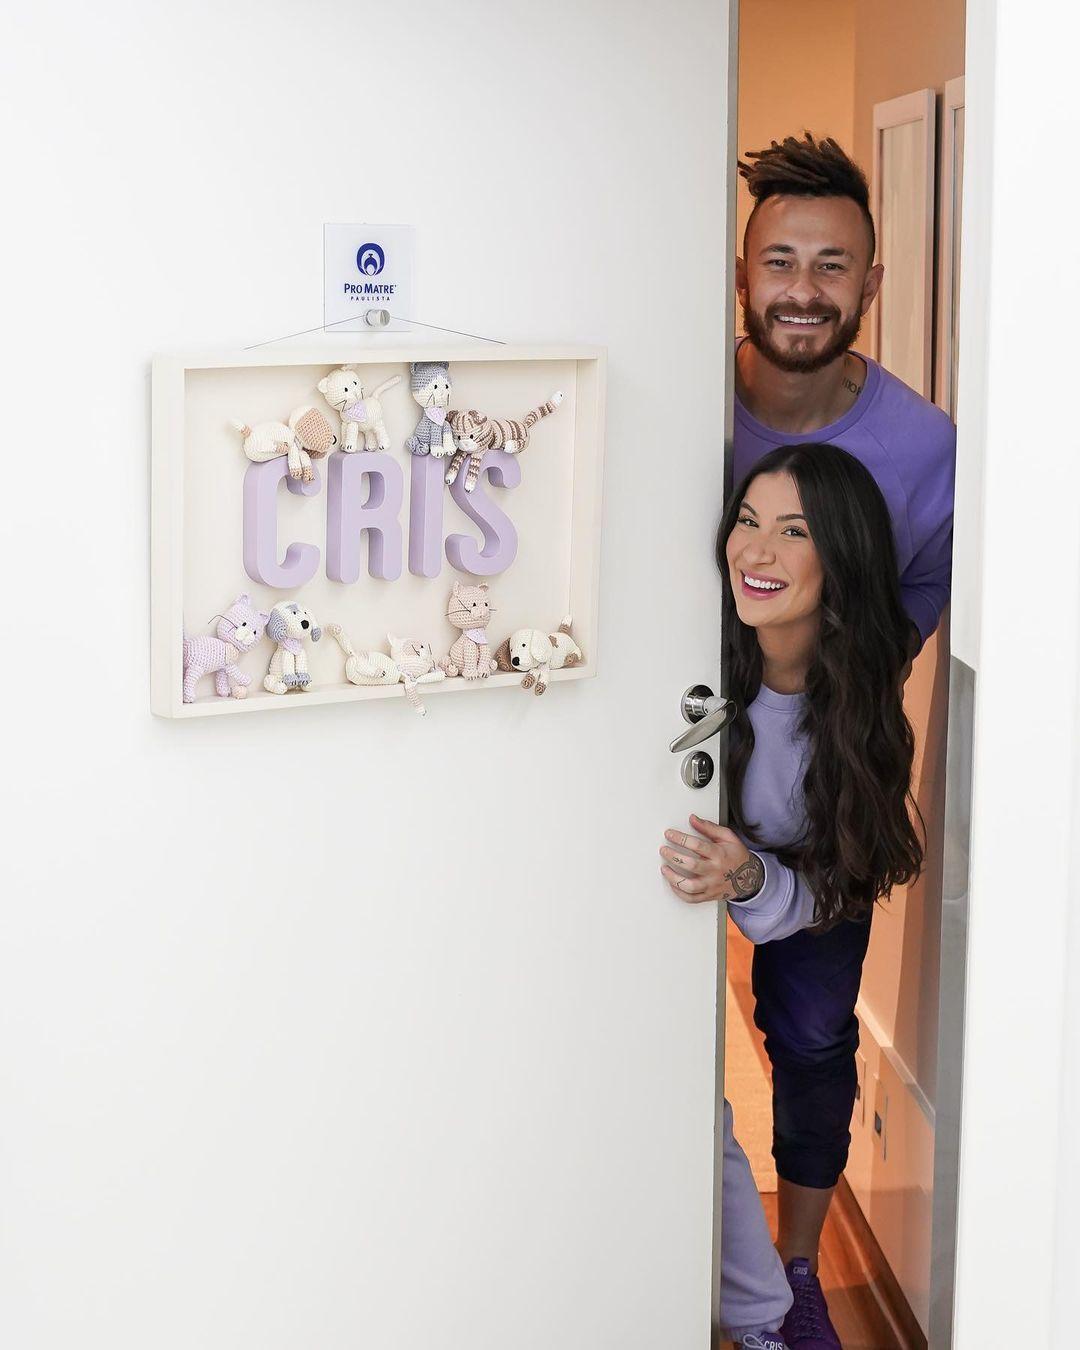 Bianca y el Youtuber Fred en la habitación de su bebé Cris.